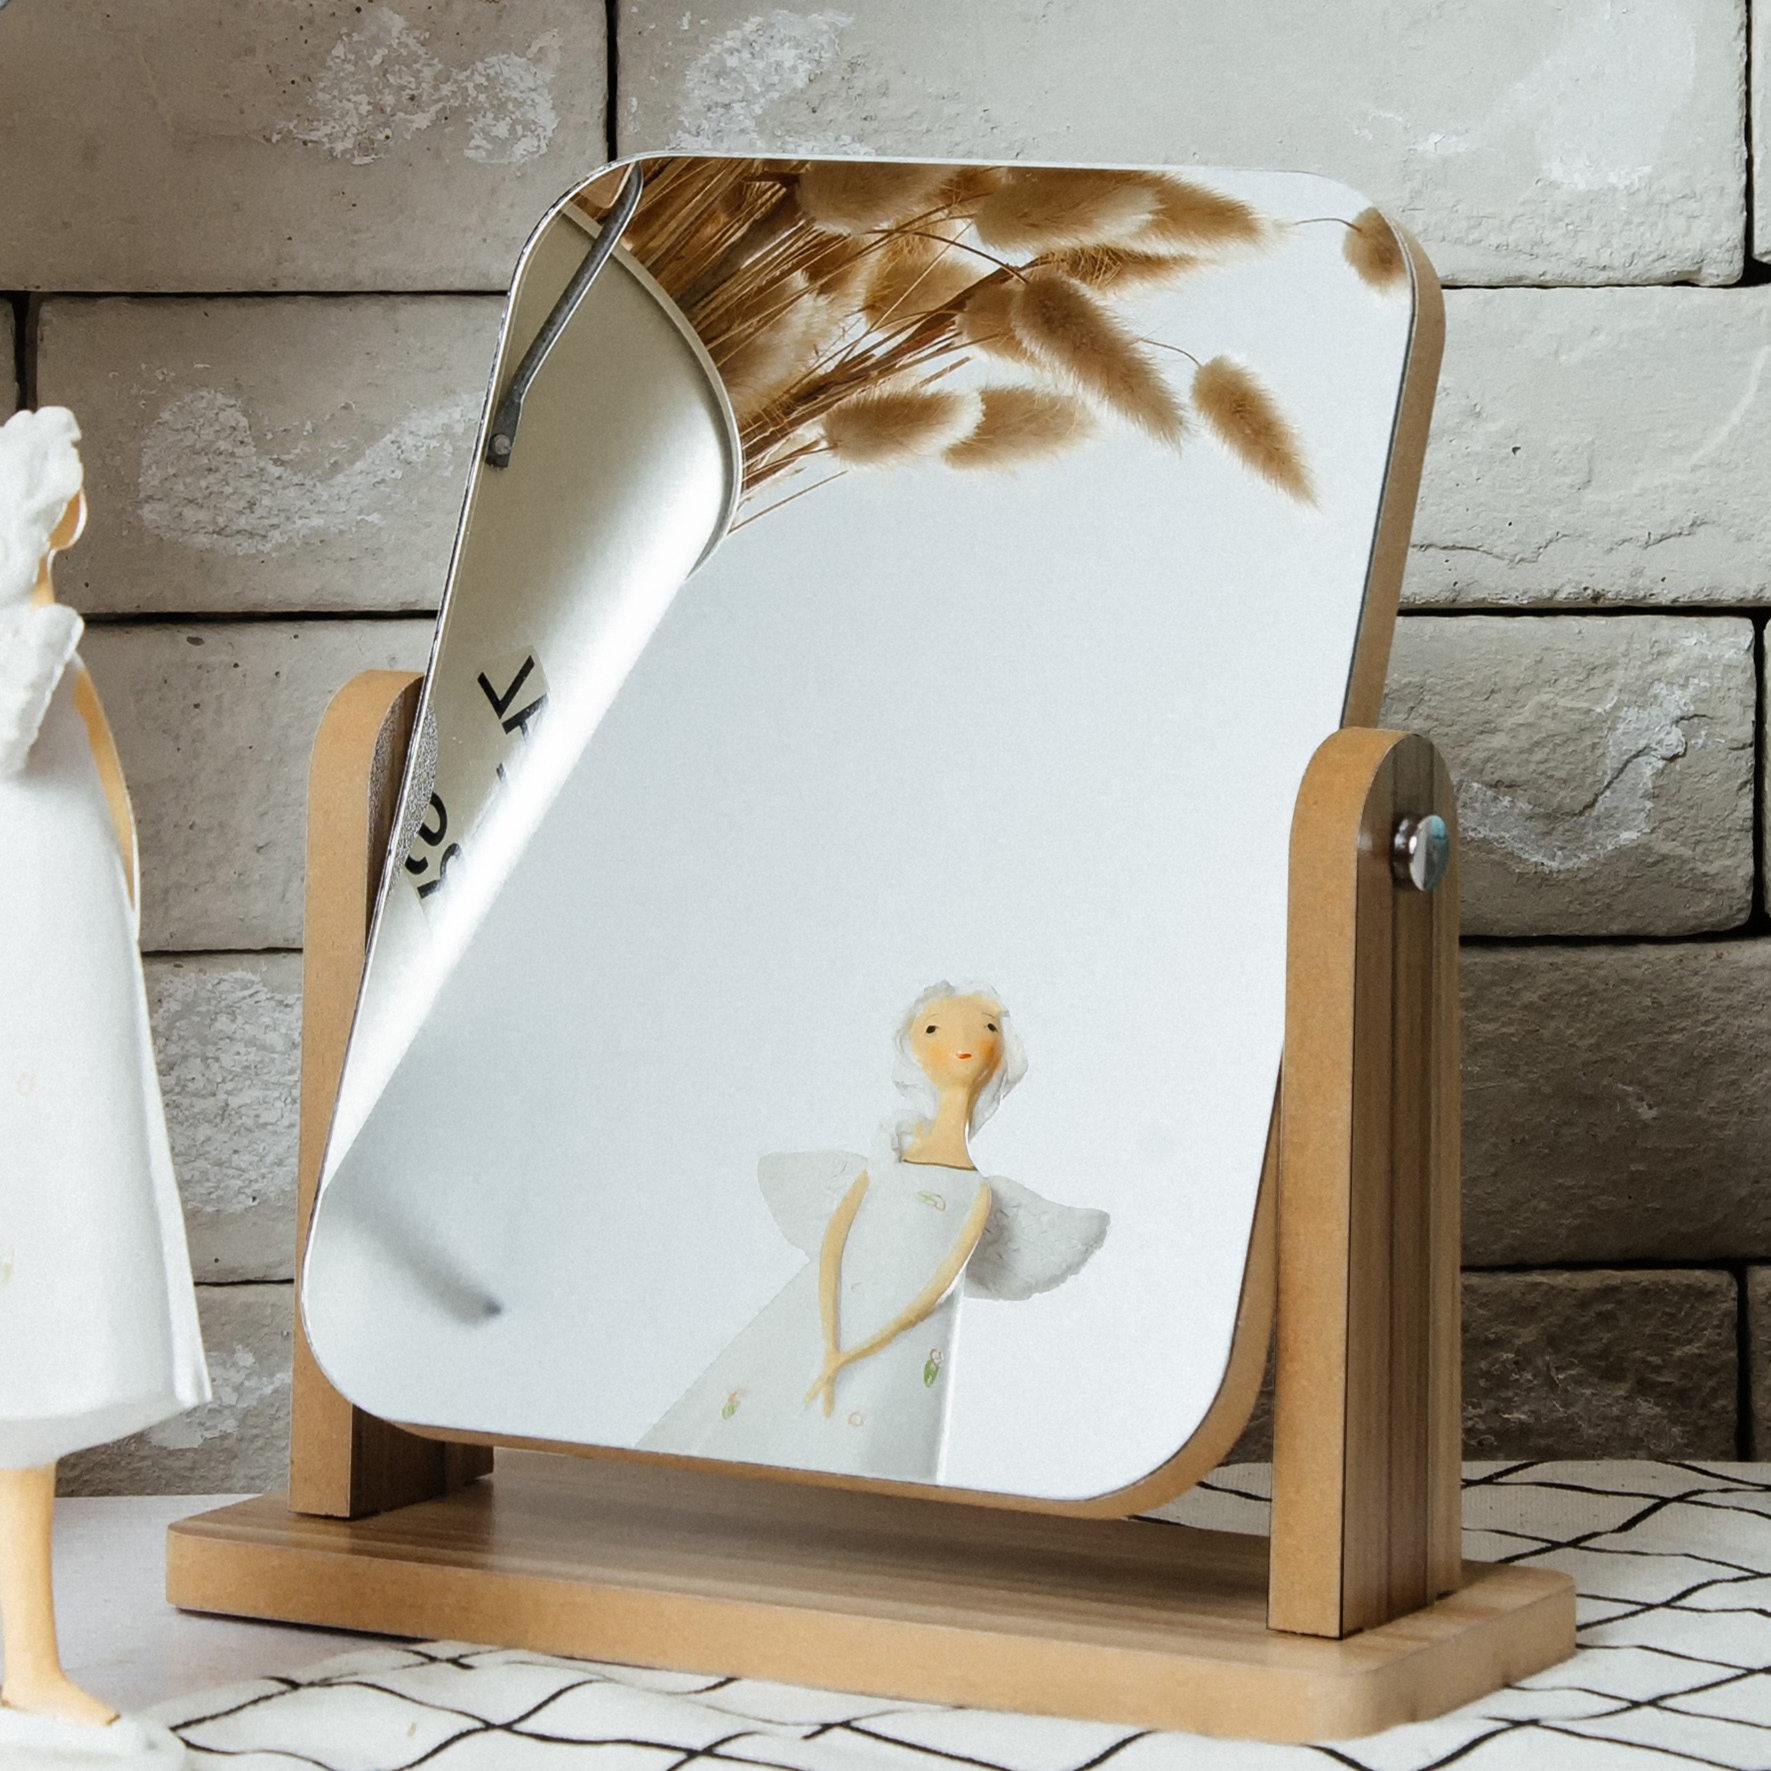 新款木质台式化妆镜子 高清单面梳妆镜美容镜 学生宿舍桌面镜大号